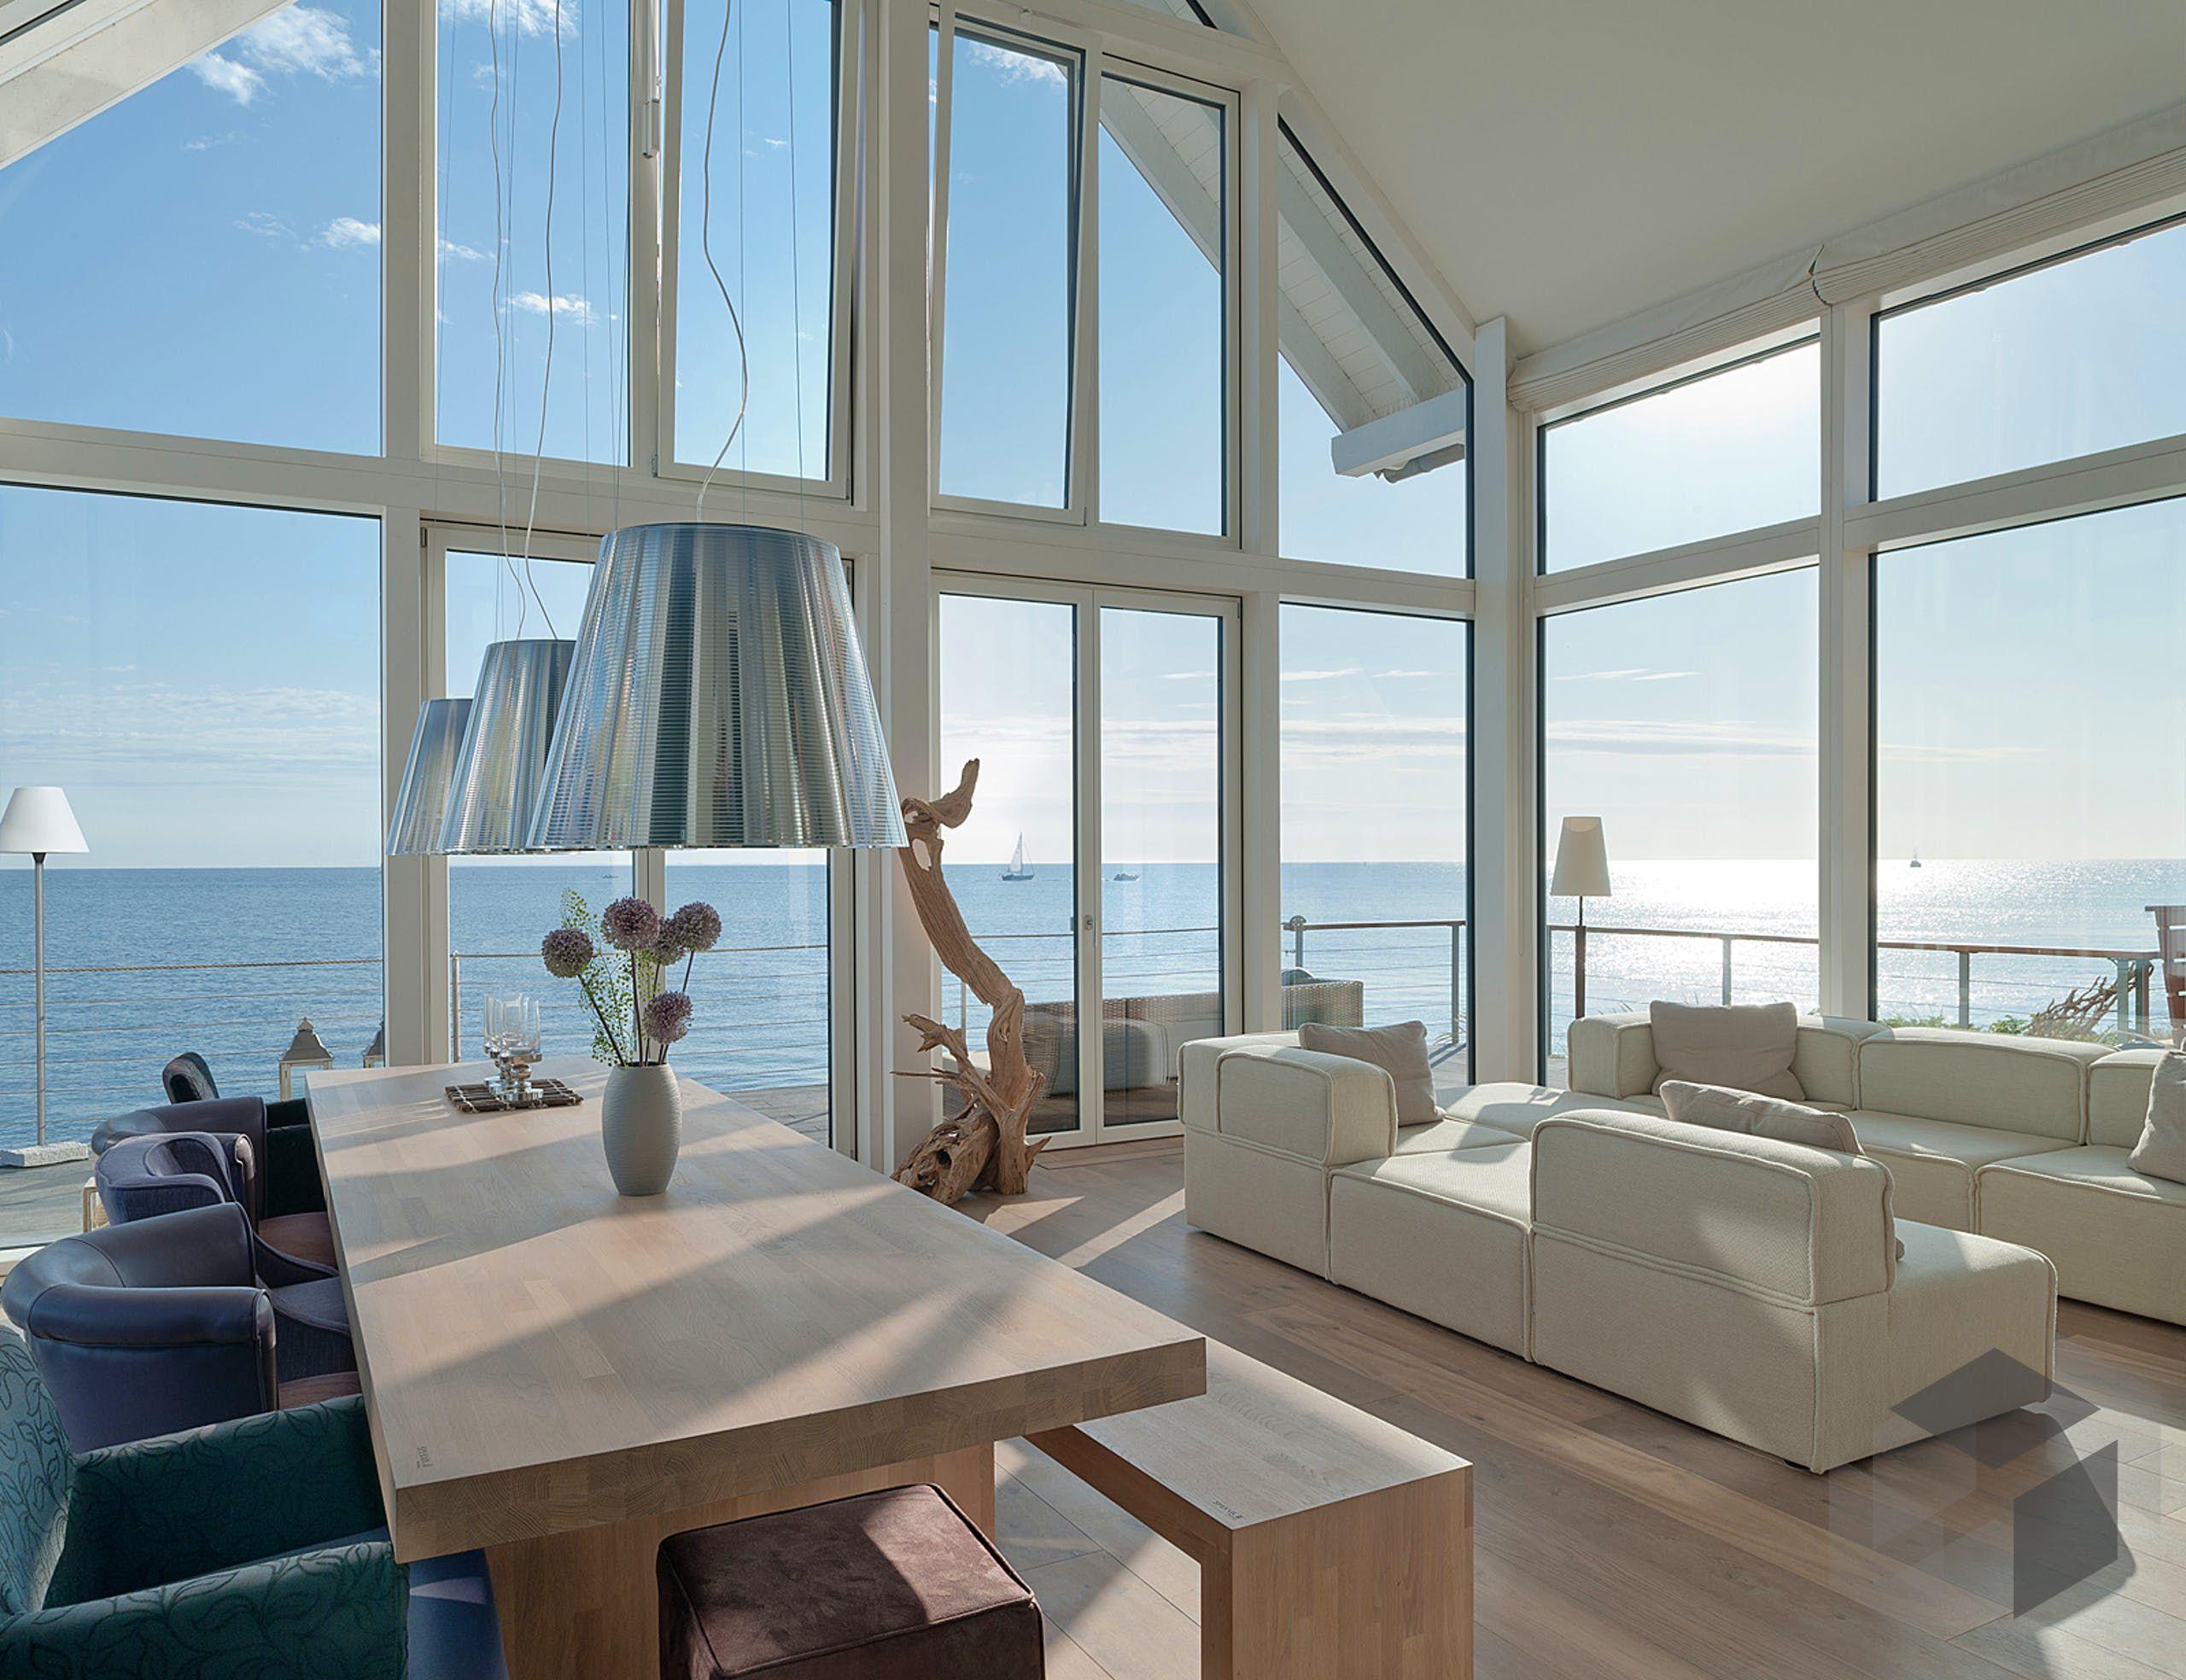 Wohnzimmer mit Meerblick aus dem Haus \